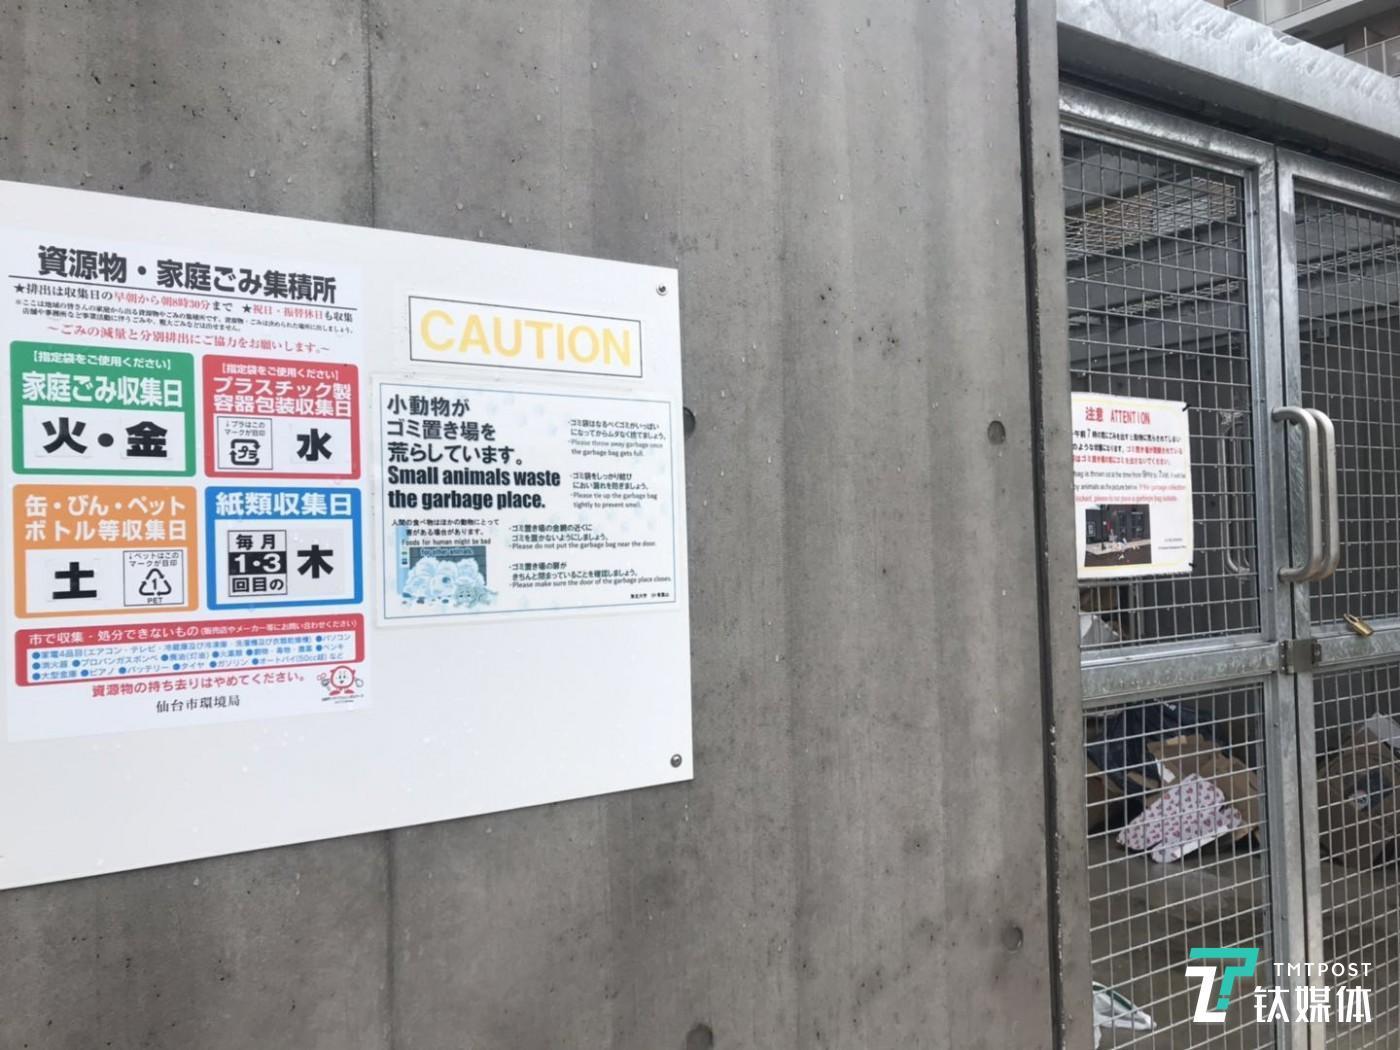 图:留学生公寓里的垃圾站,纸质垃圾丢弃不合格,需缴纳很多罚款(拍摄/钛媒体驻日记者,玉琴)